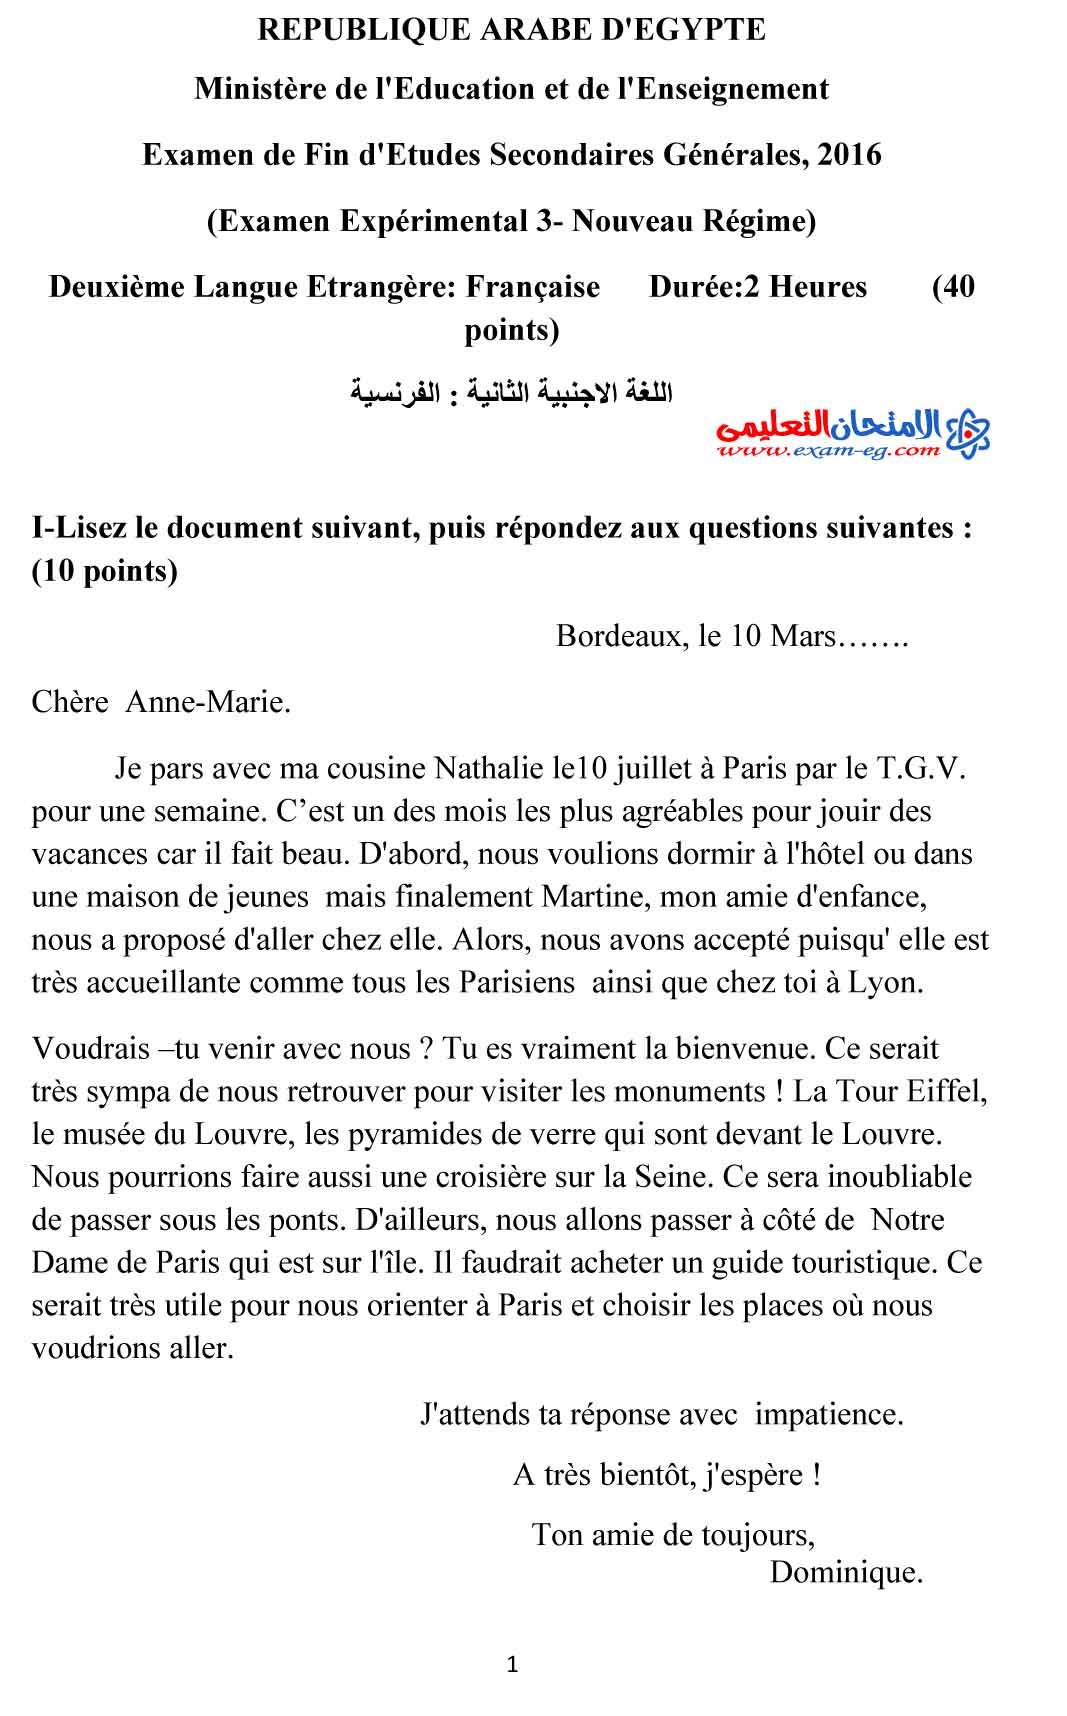 لغة فرنسية 3 - مدرسة اون لاين-1